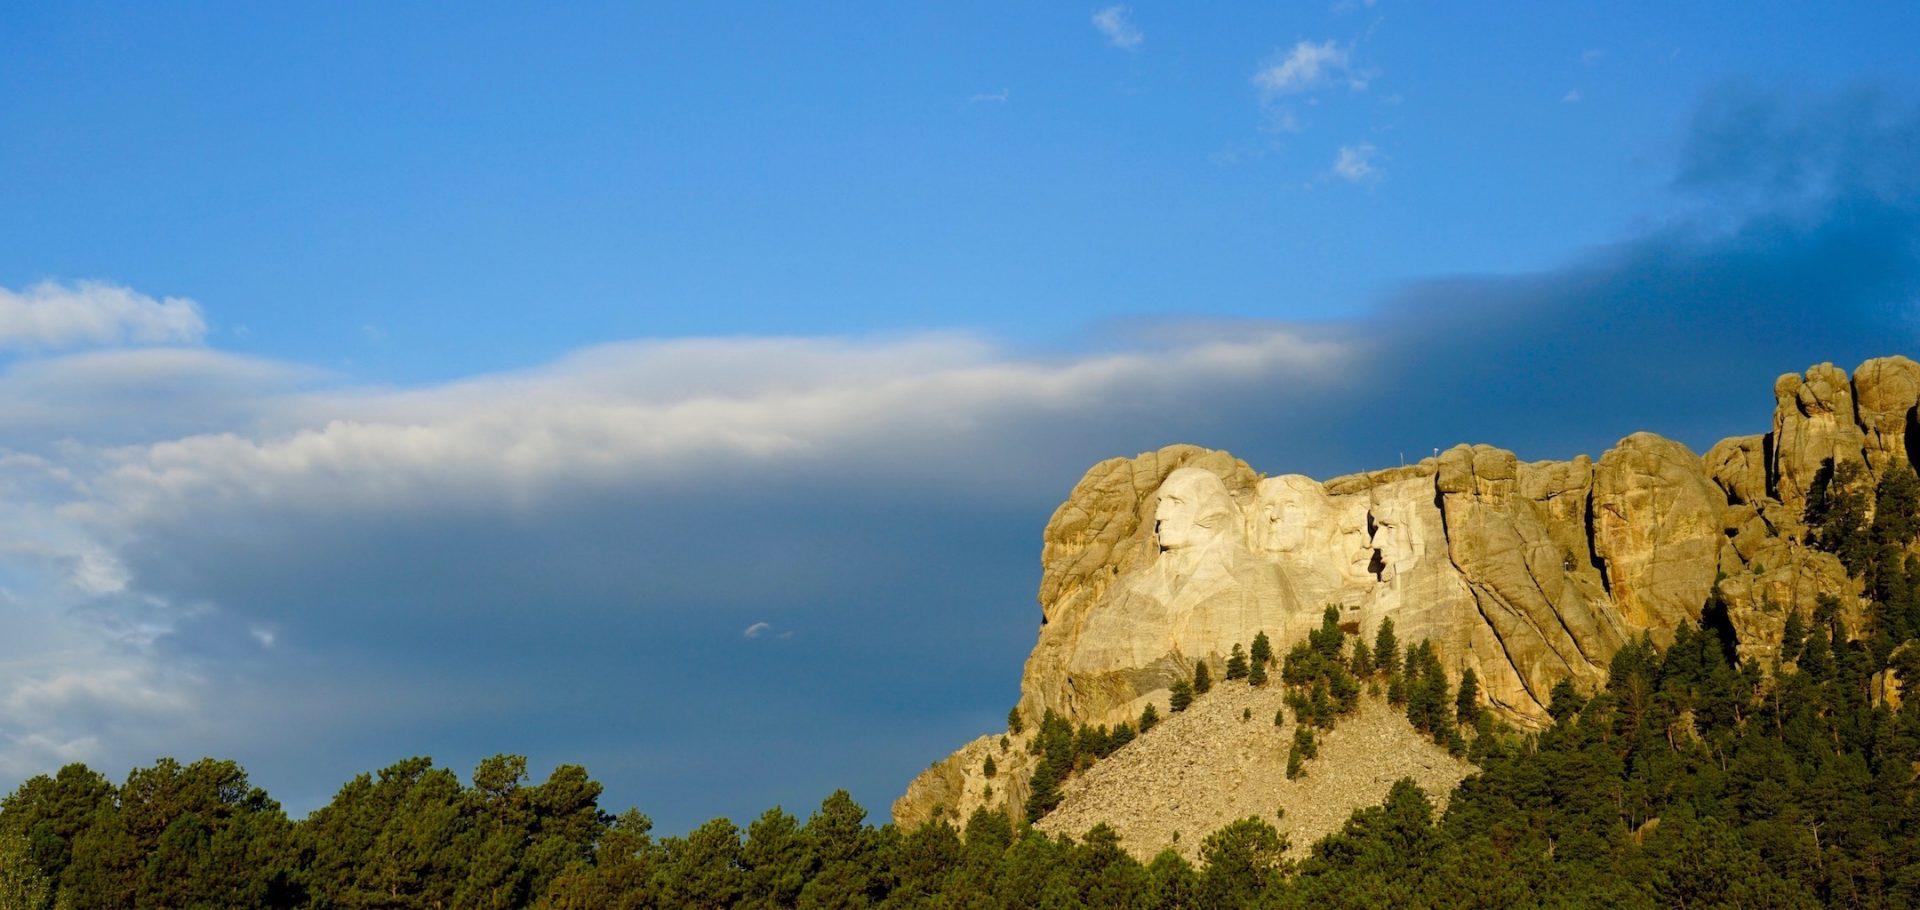 Mount Rushmore – South Dakota